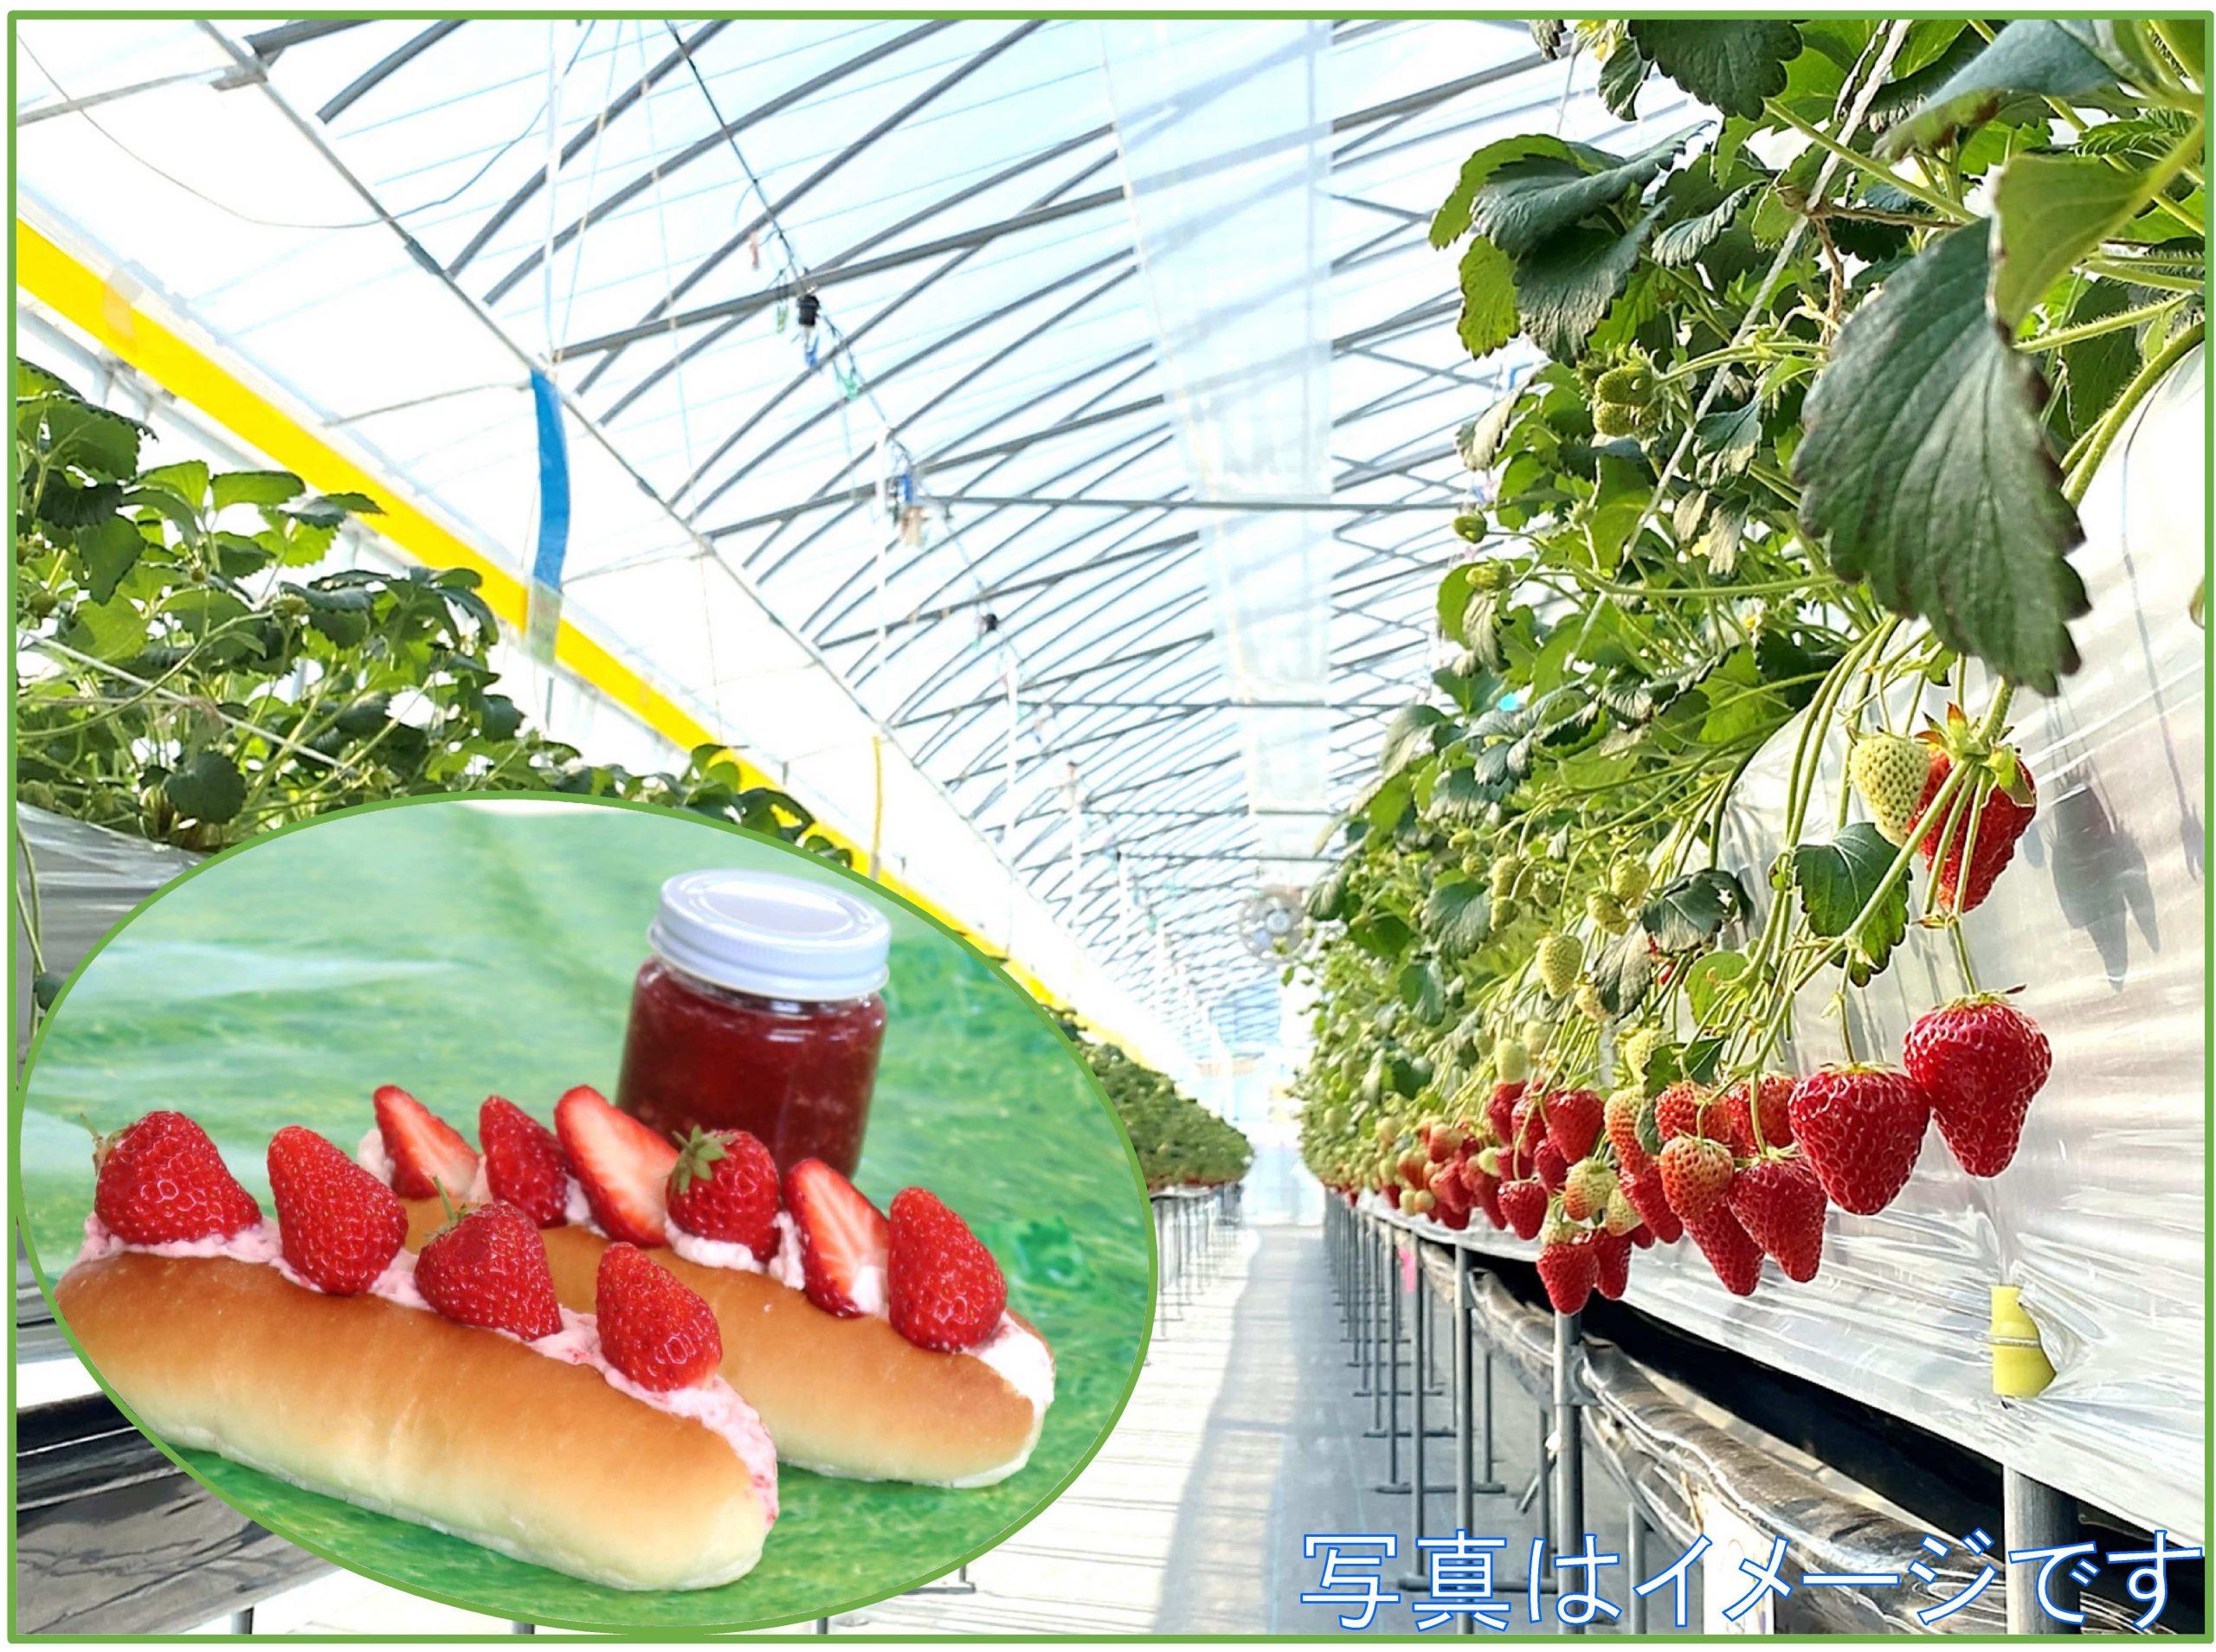 【GW企画】 いちごを収穫してジャム作ろう(コッペサンド付)